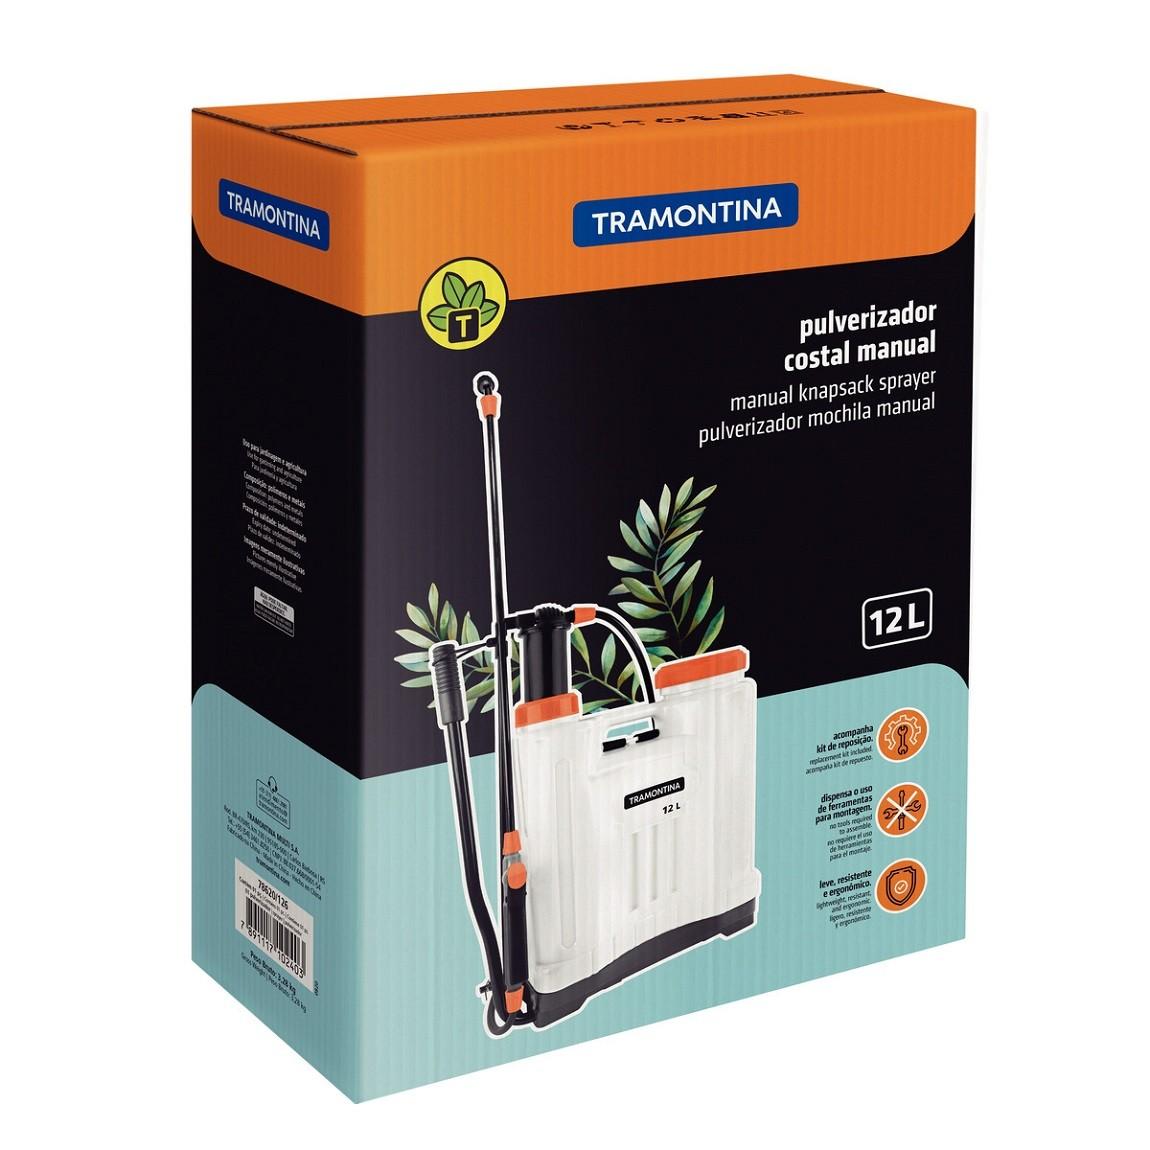 Pulverizador Costal Manual 12 Litros - Tramontina